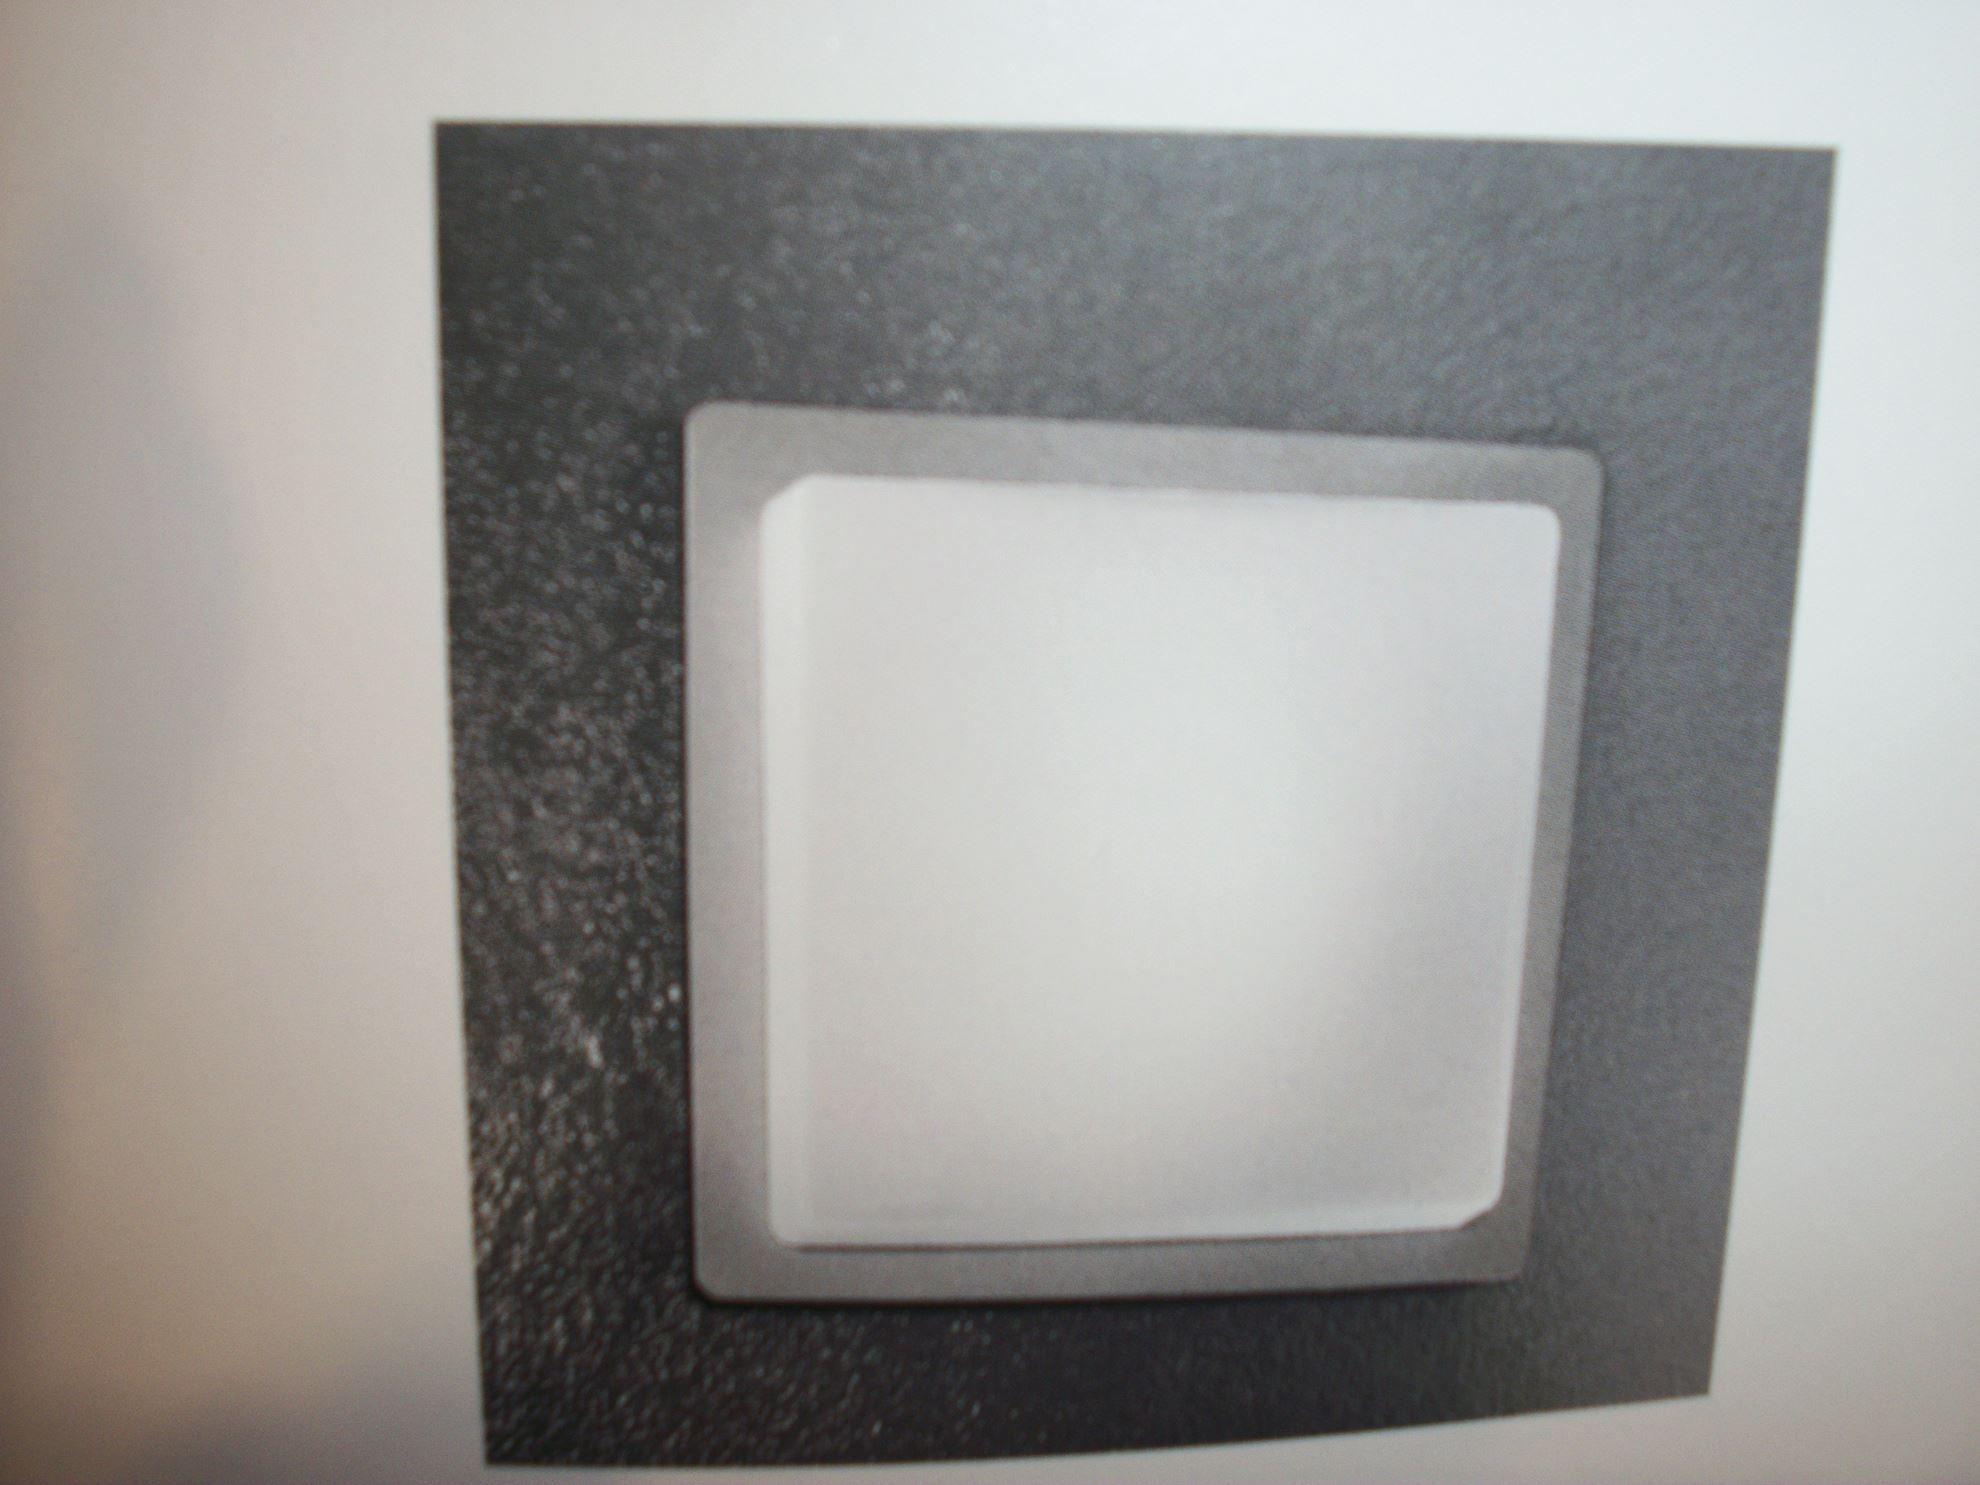 Applique da parete o da soffitto in vetro soffiato opalino bianco